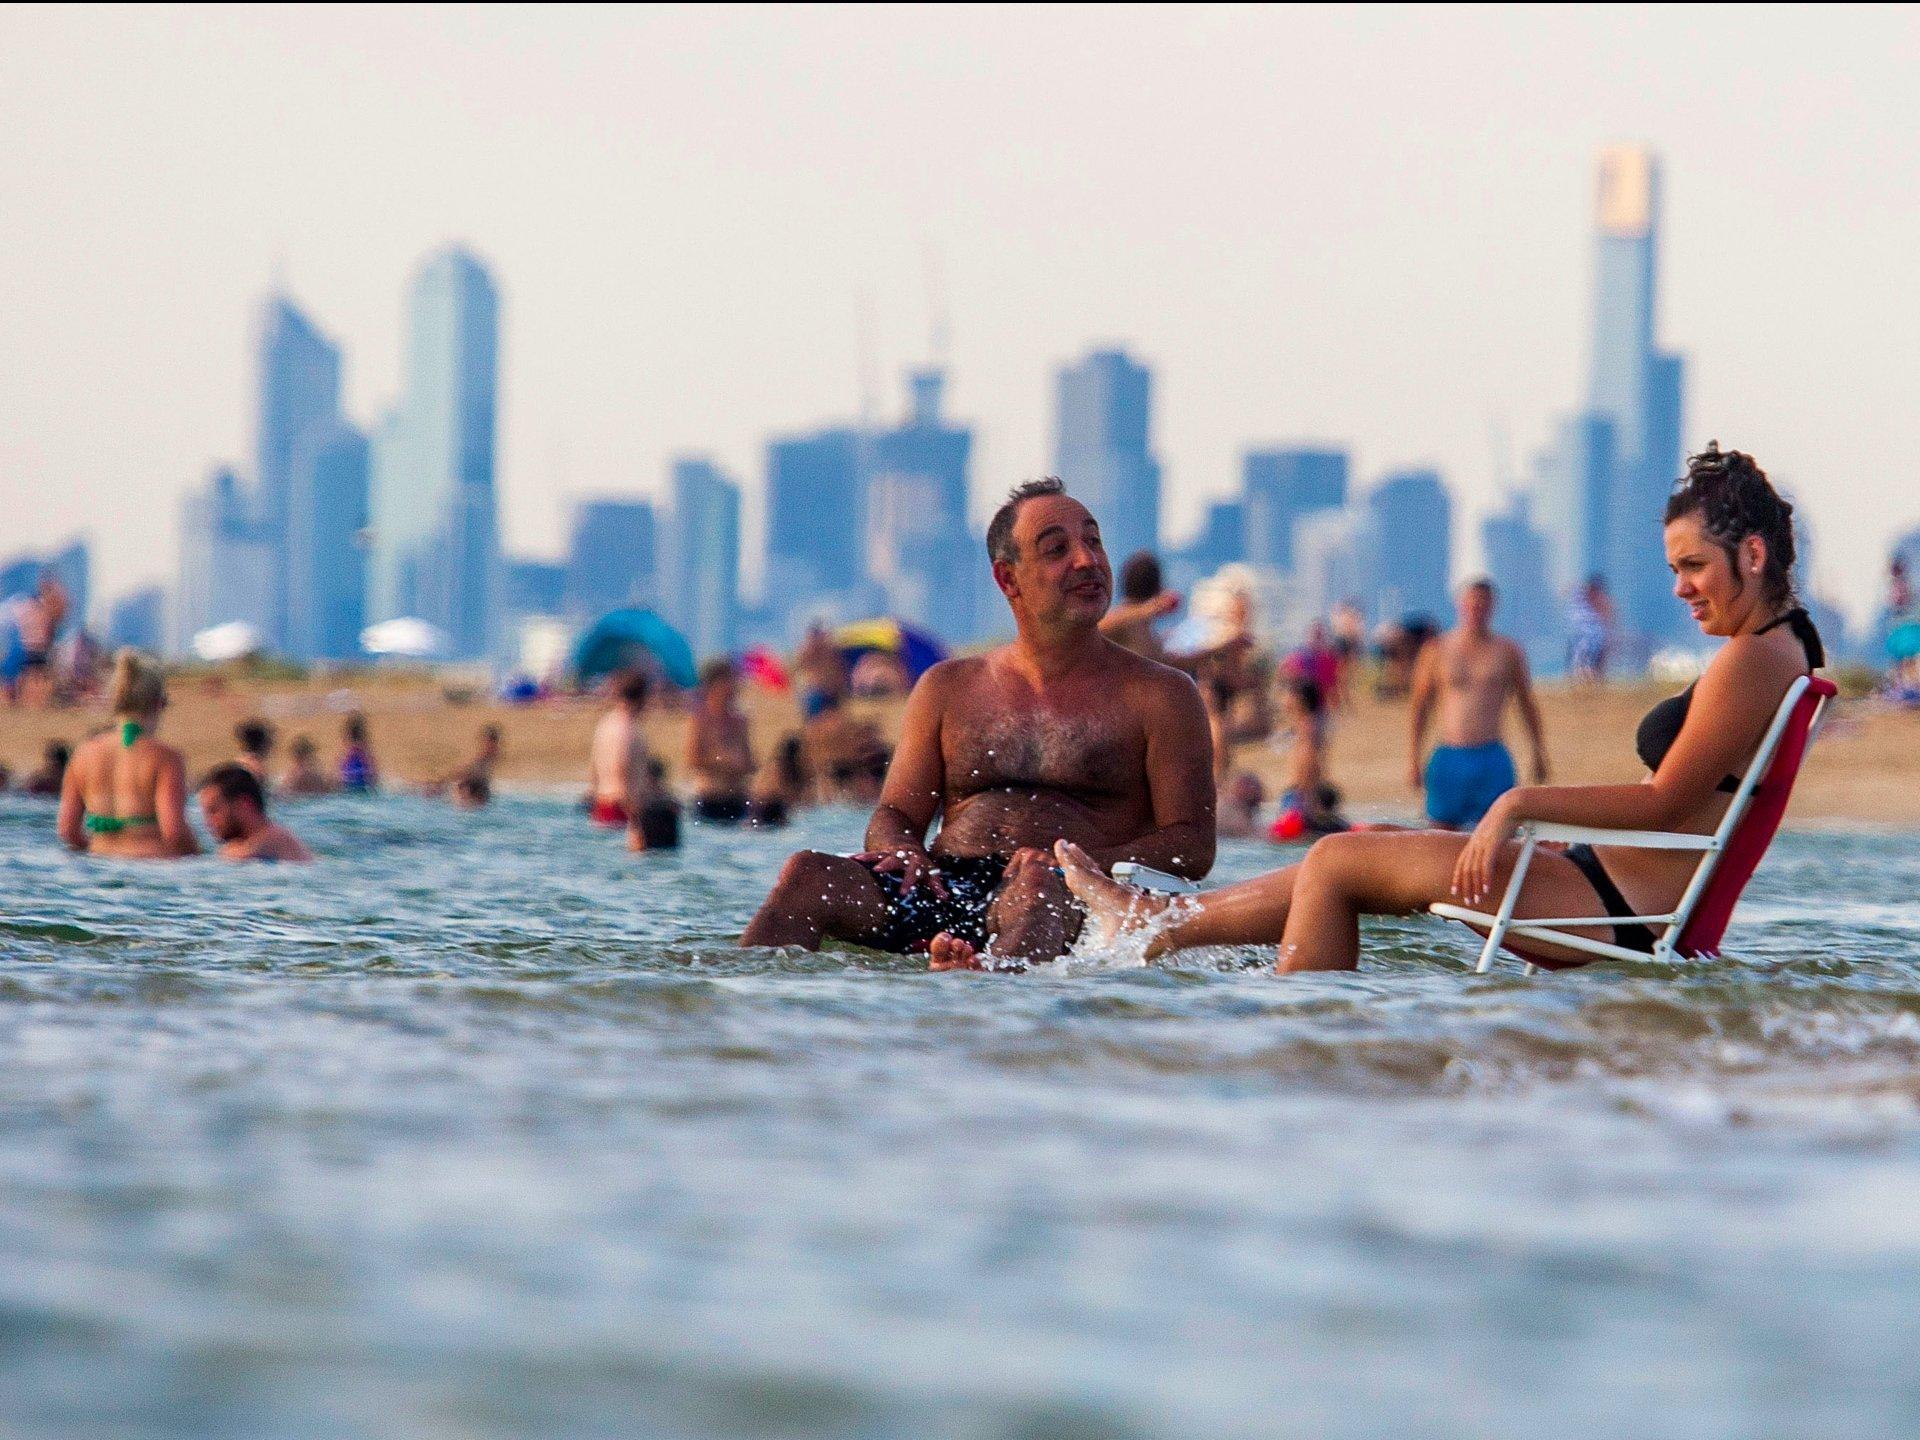 13. Melbourne – A crescut șapte locuri în top, fiind văzut drept unul dintre cele mai stabile centre financiare.